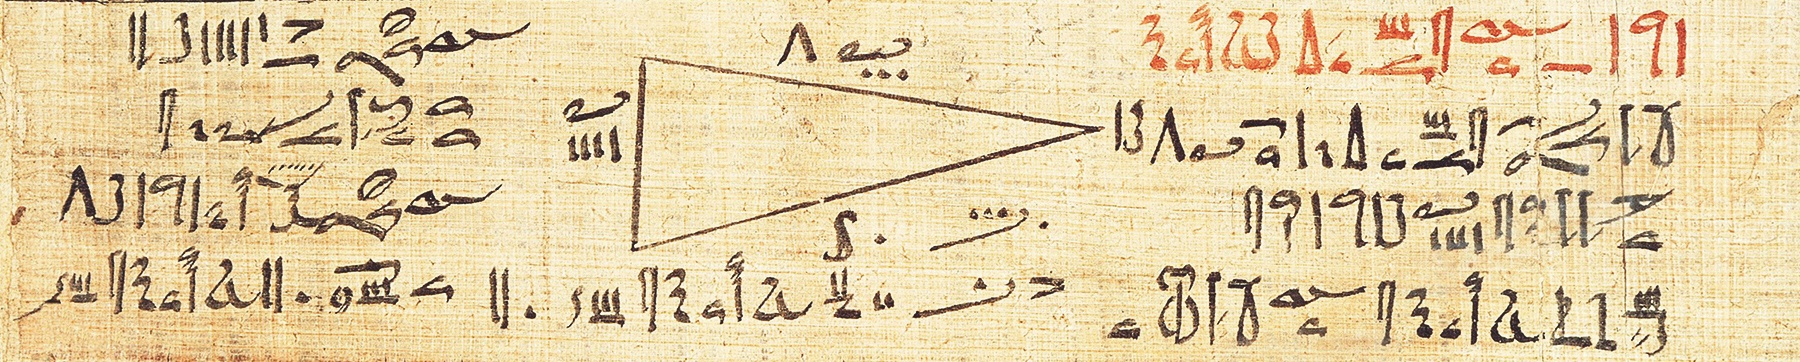 Problème de géométrie extrait du papyrus Rhind (2000 av. J.-C.), British Museum.